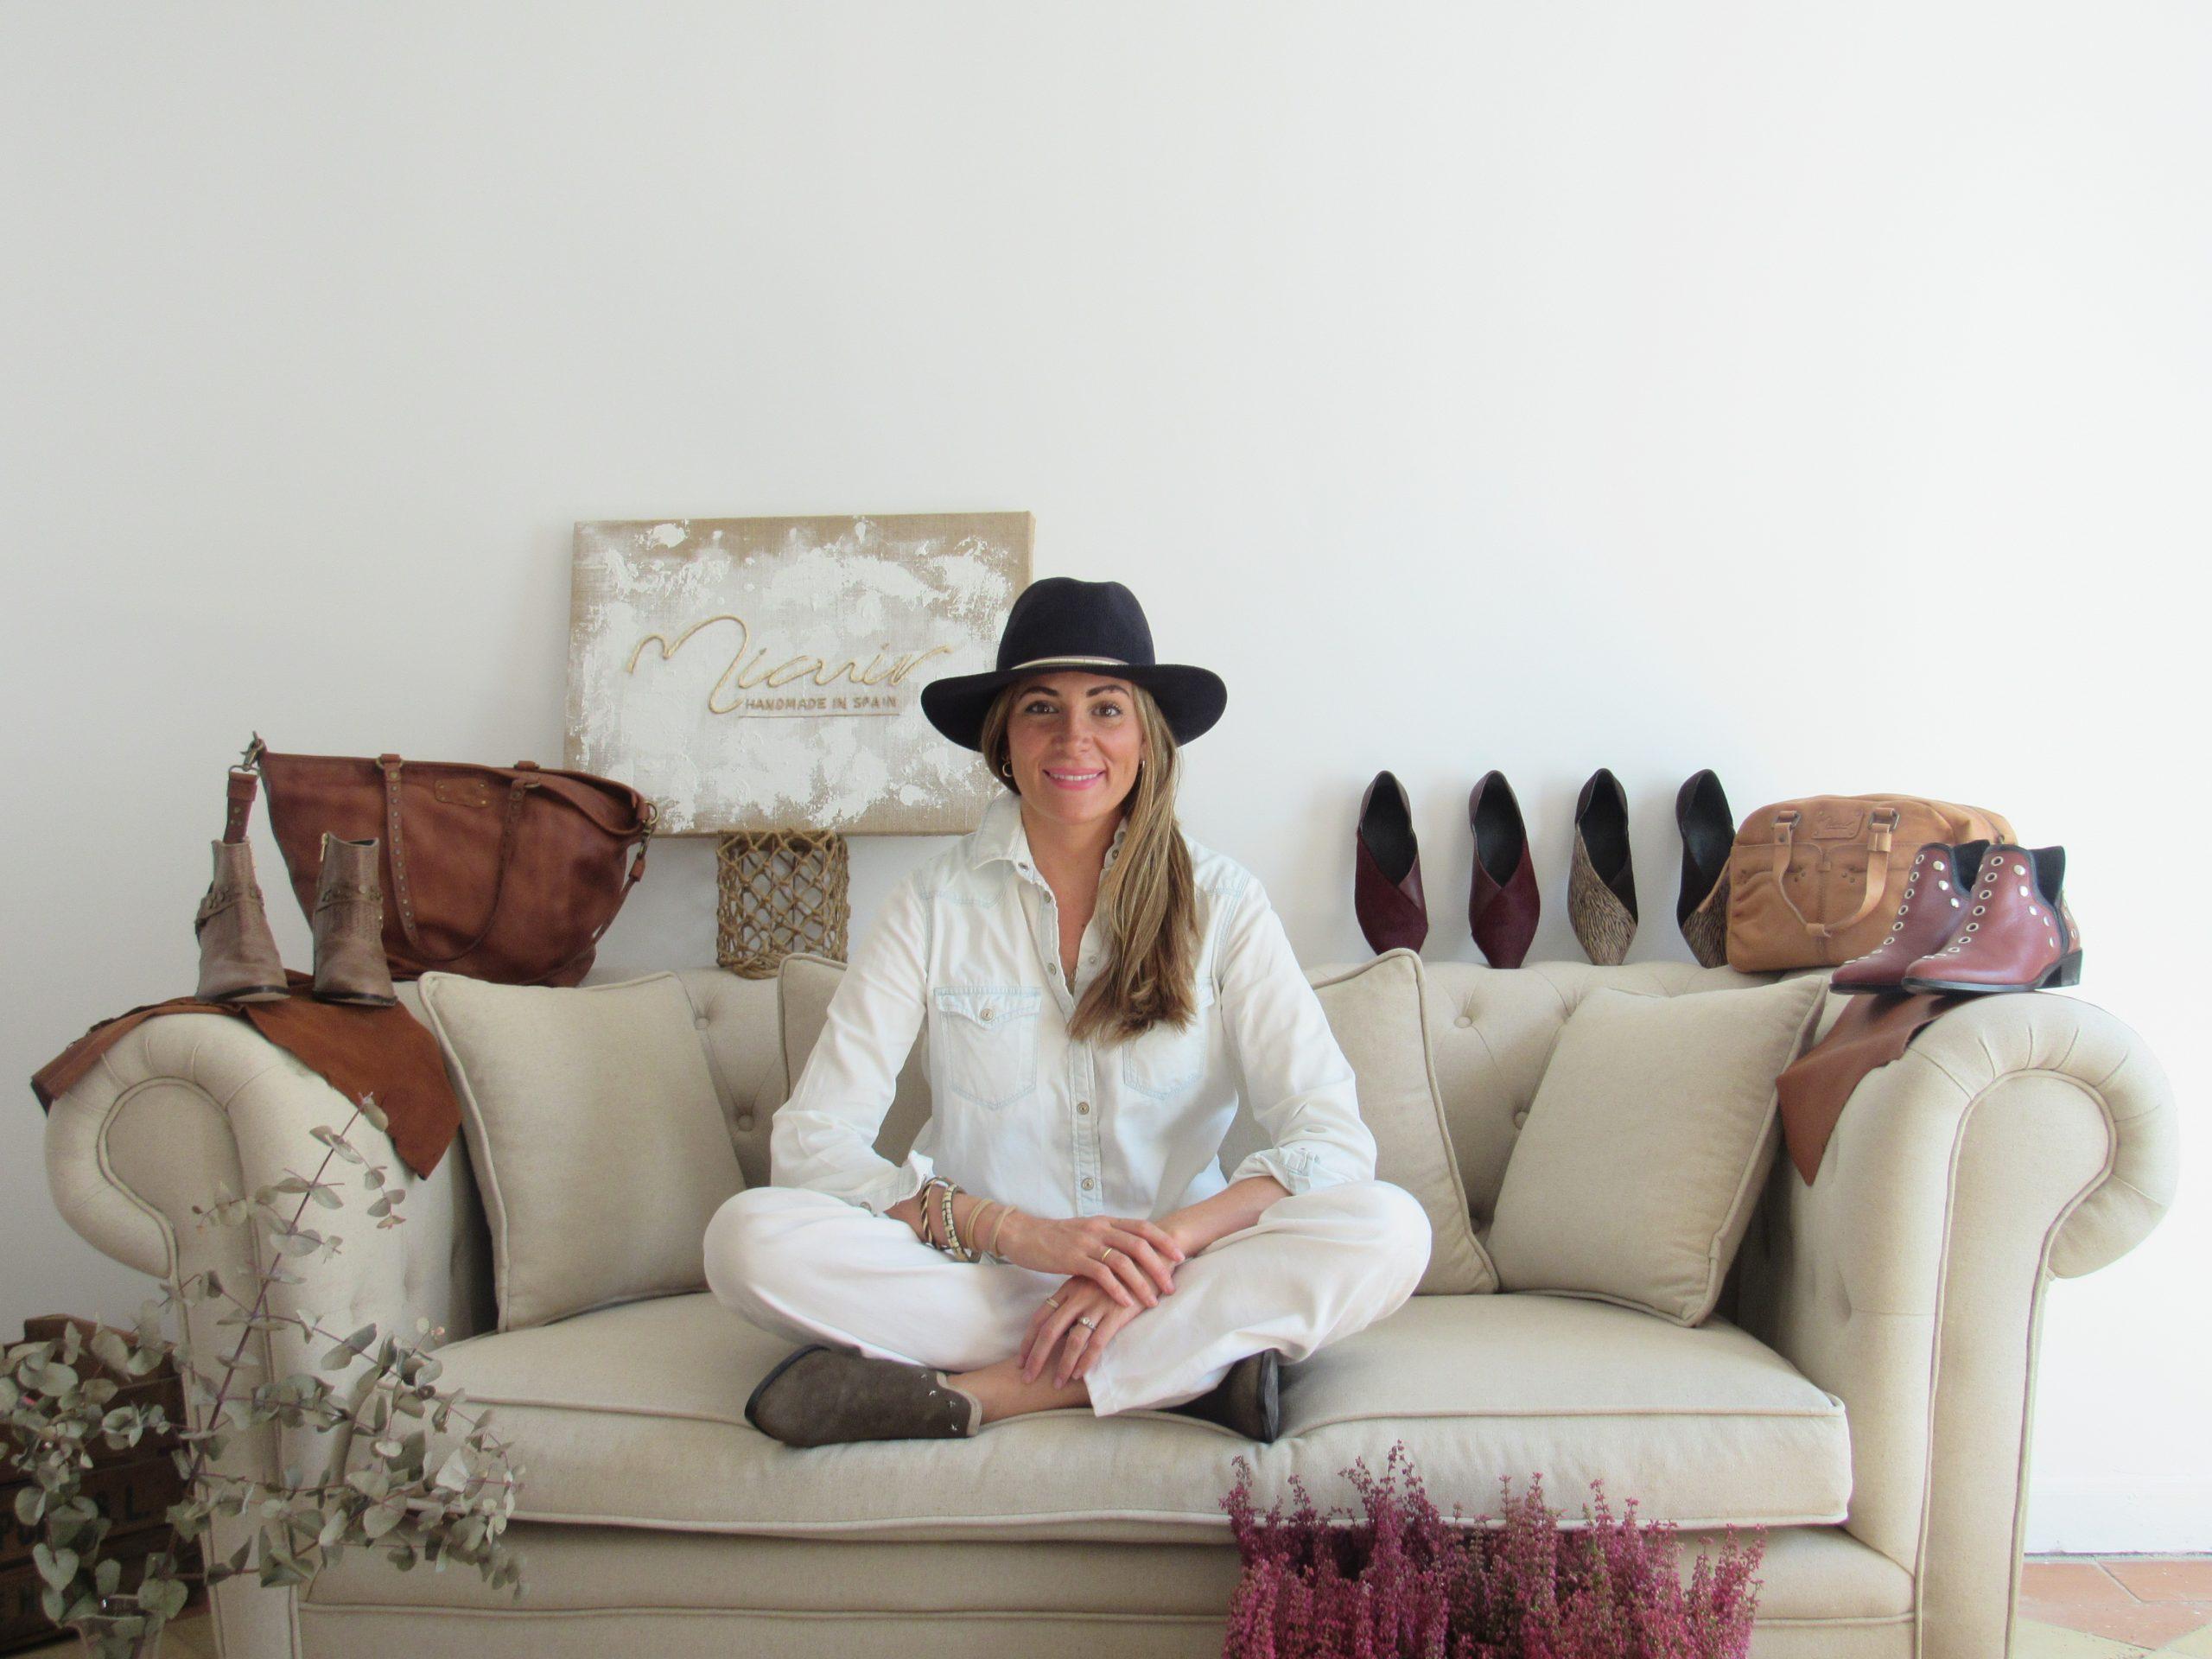 Elena Peña, Directora Creativa de la marca española de calzado Micuir